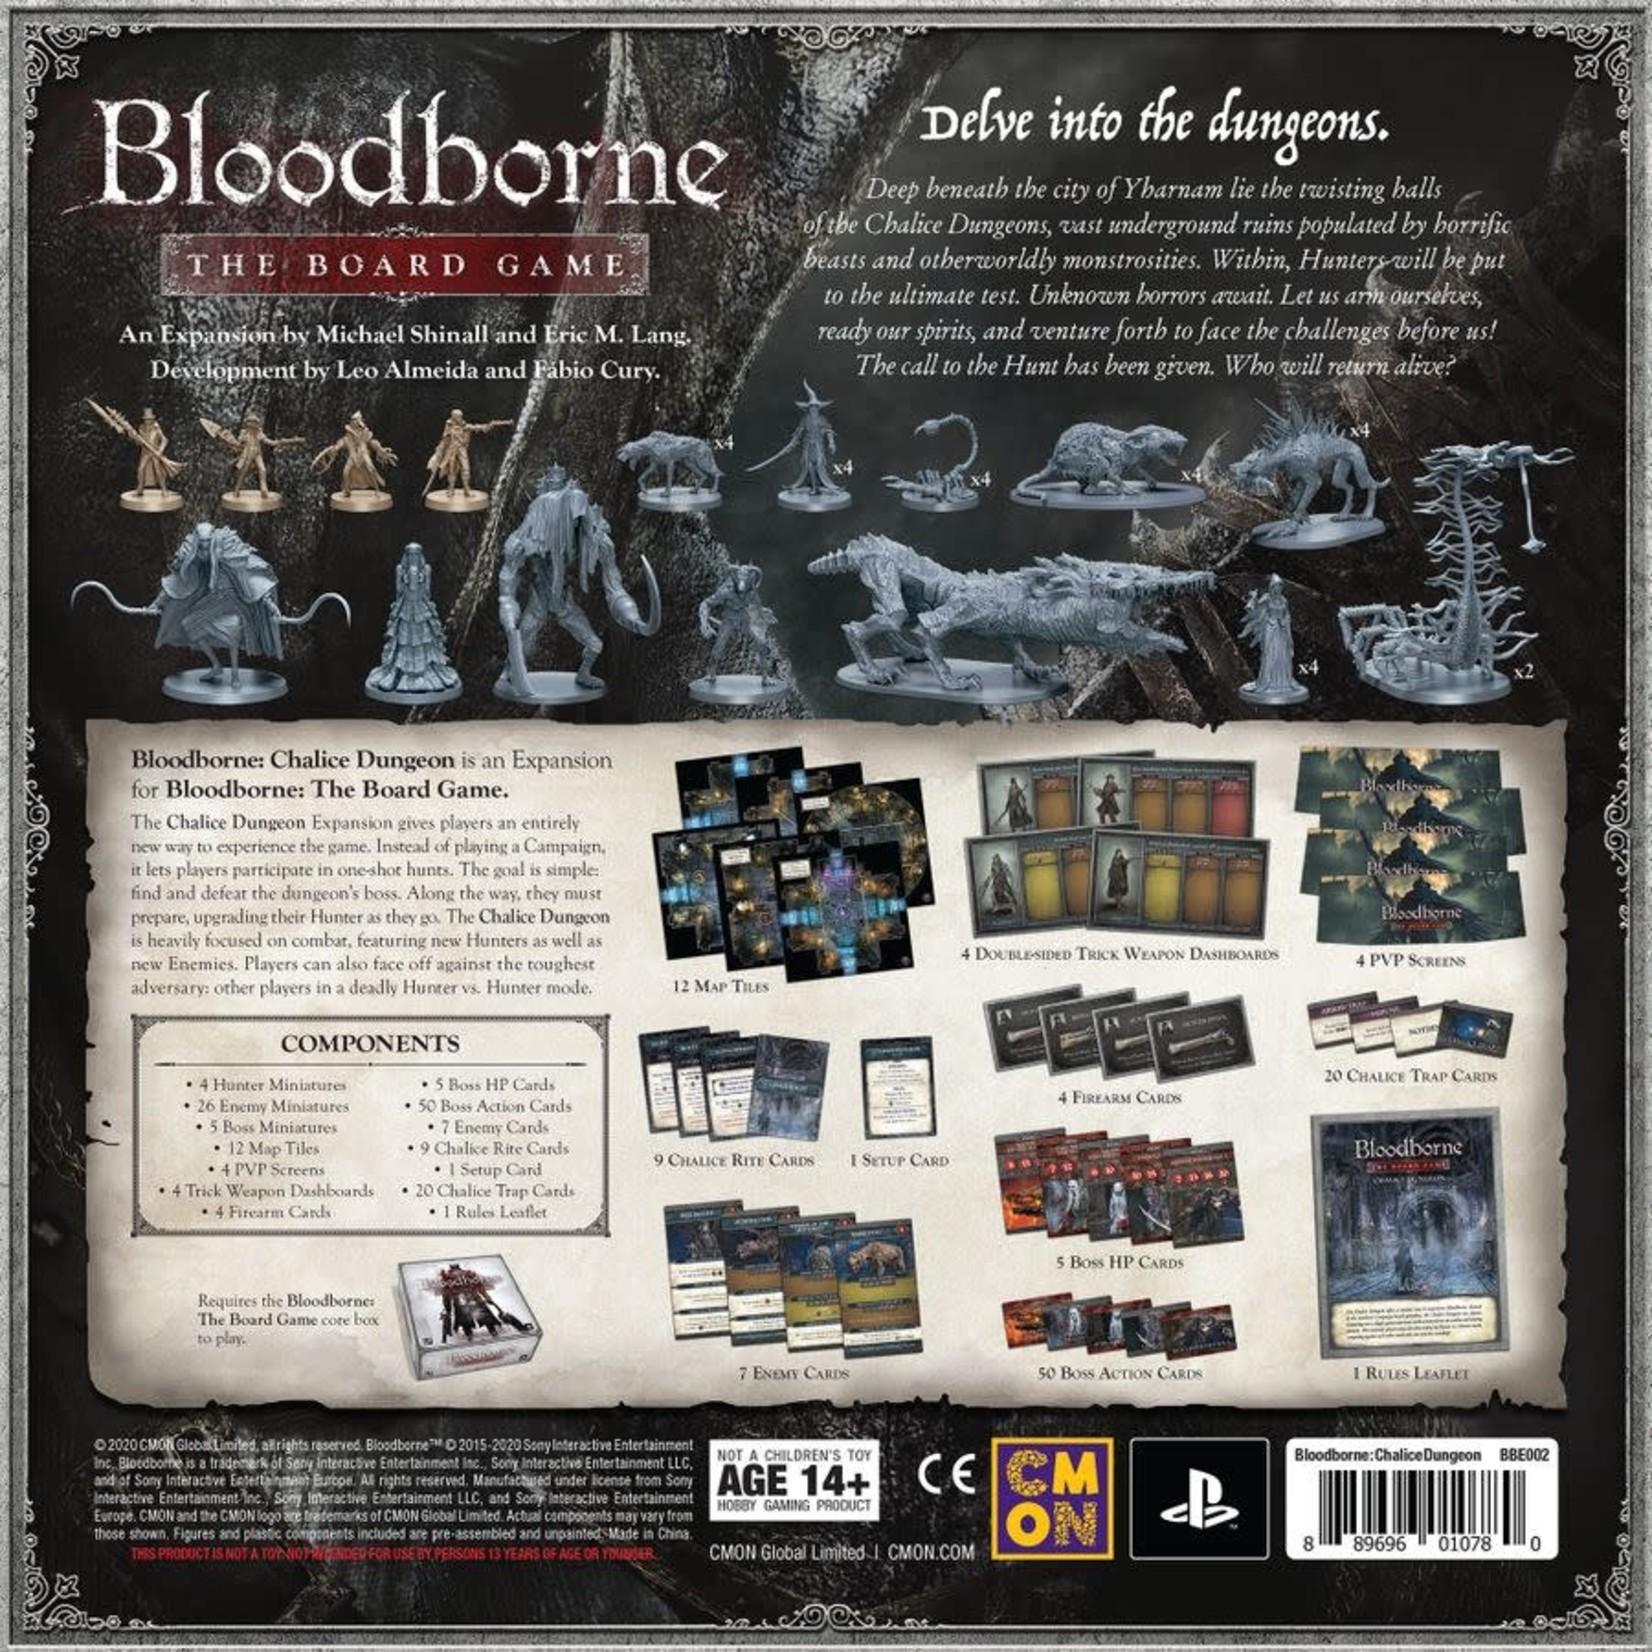 CMON Bloodborne Chalice Dungeon